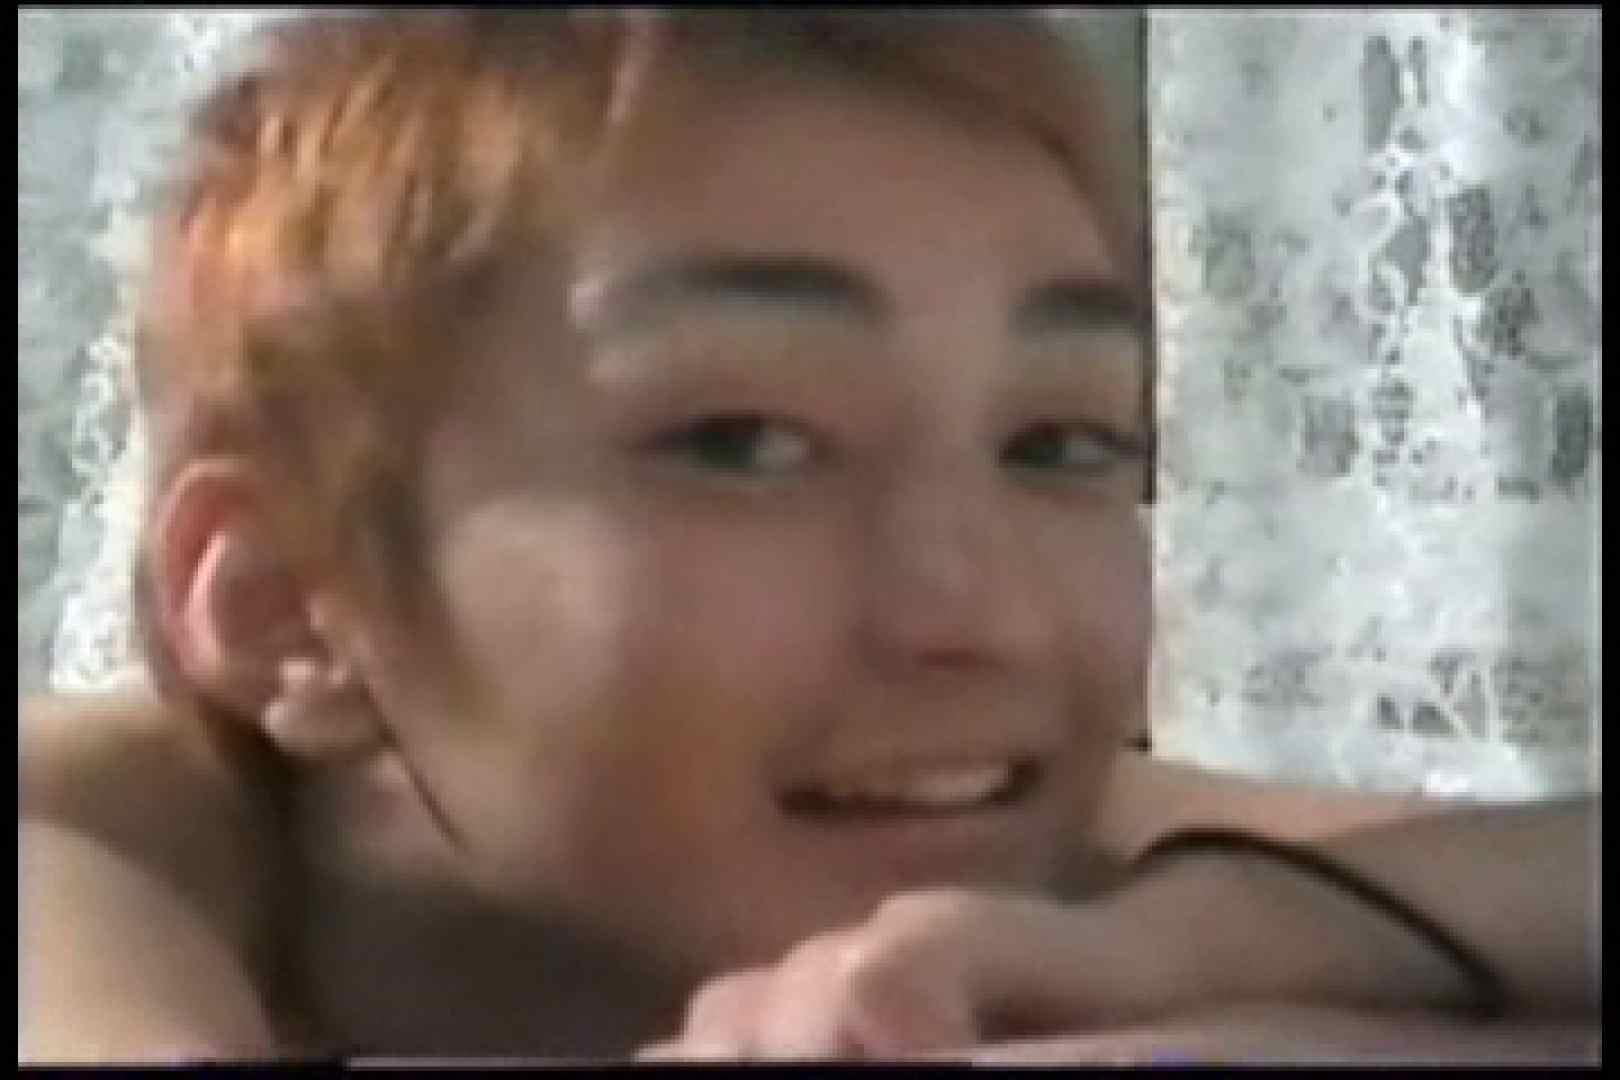 【流出】アイドルを目指したジャニ系イケメンの過去 オナニー専門男子 Guyエロ画像 70画像 65